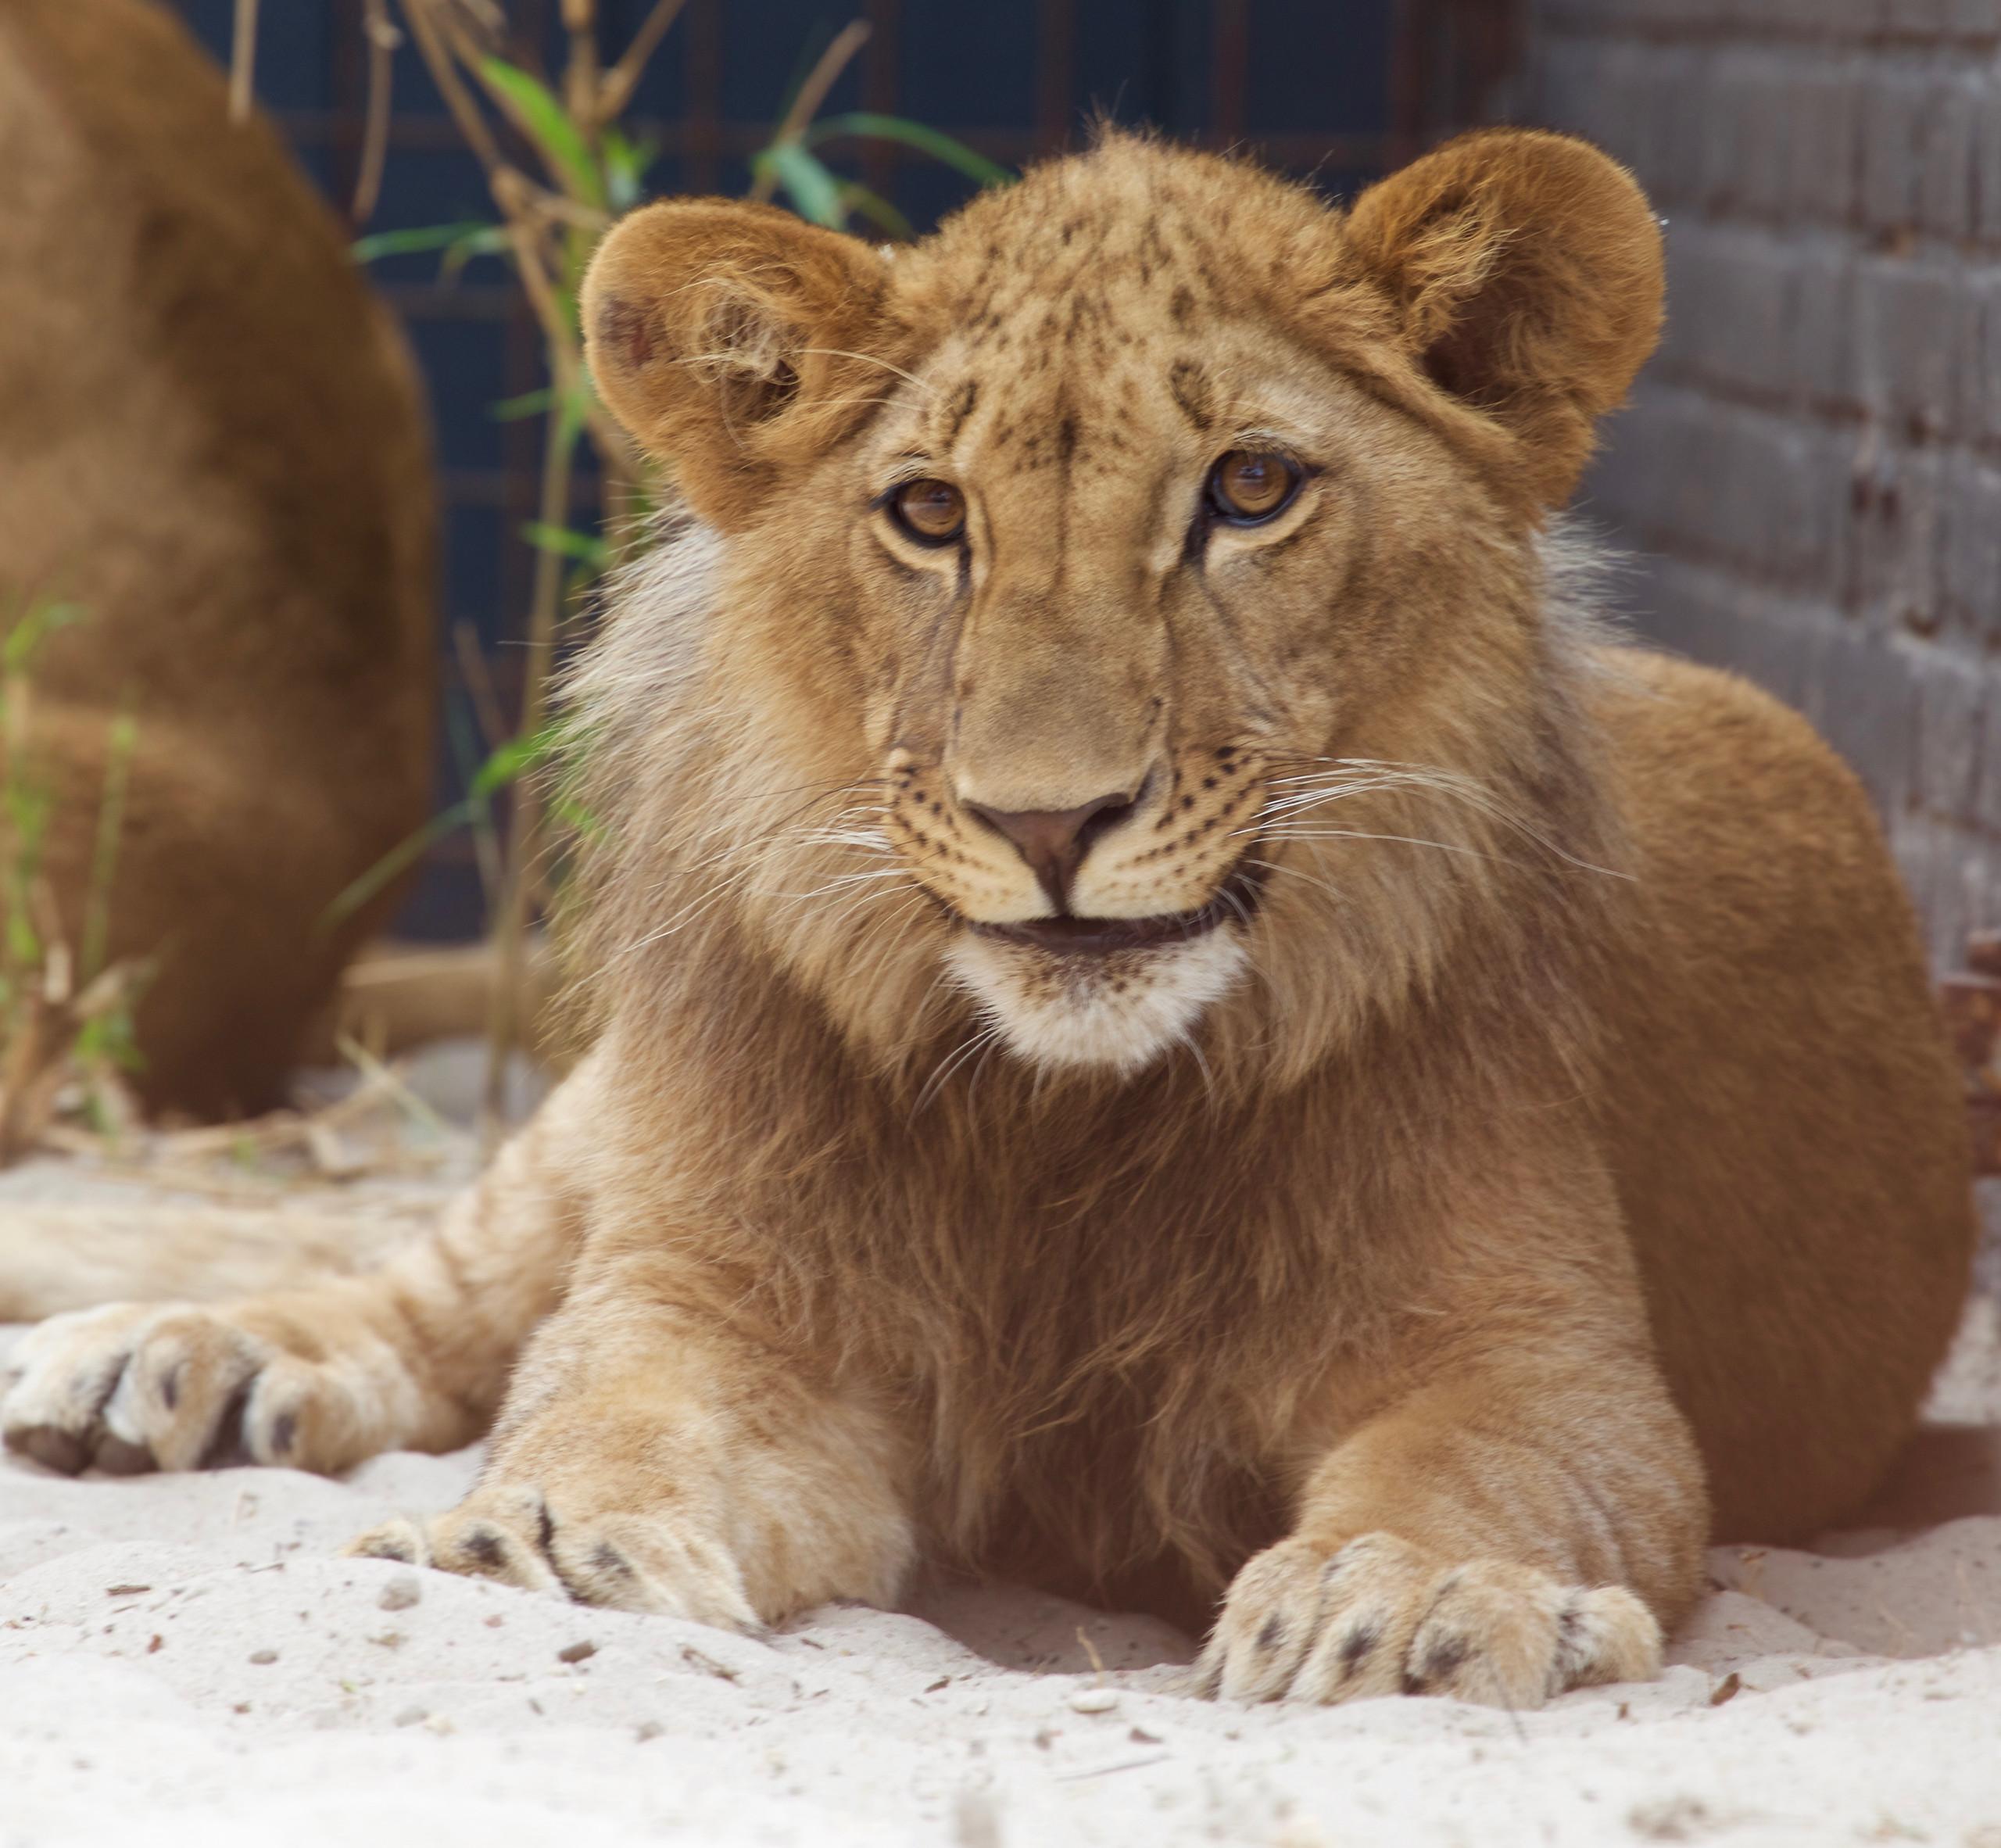 FELIDA Big Cat Centre - Sanctuaries - Campaigns & Topics